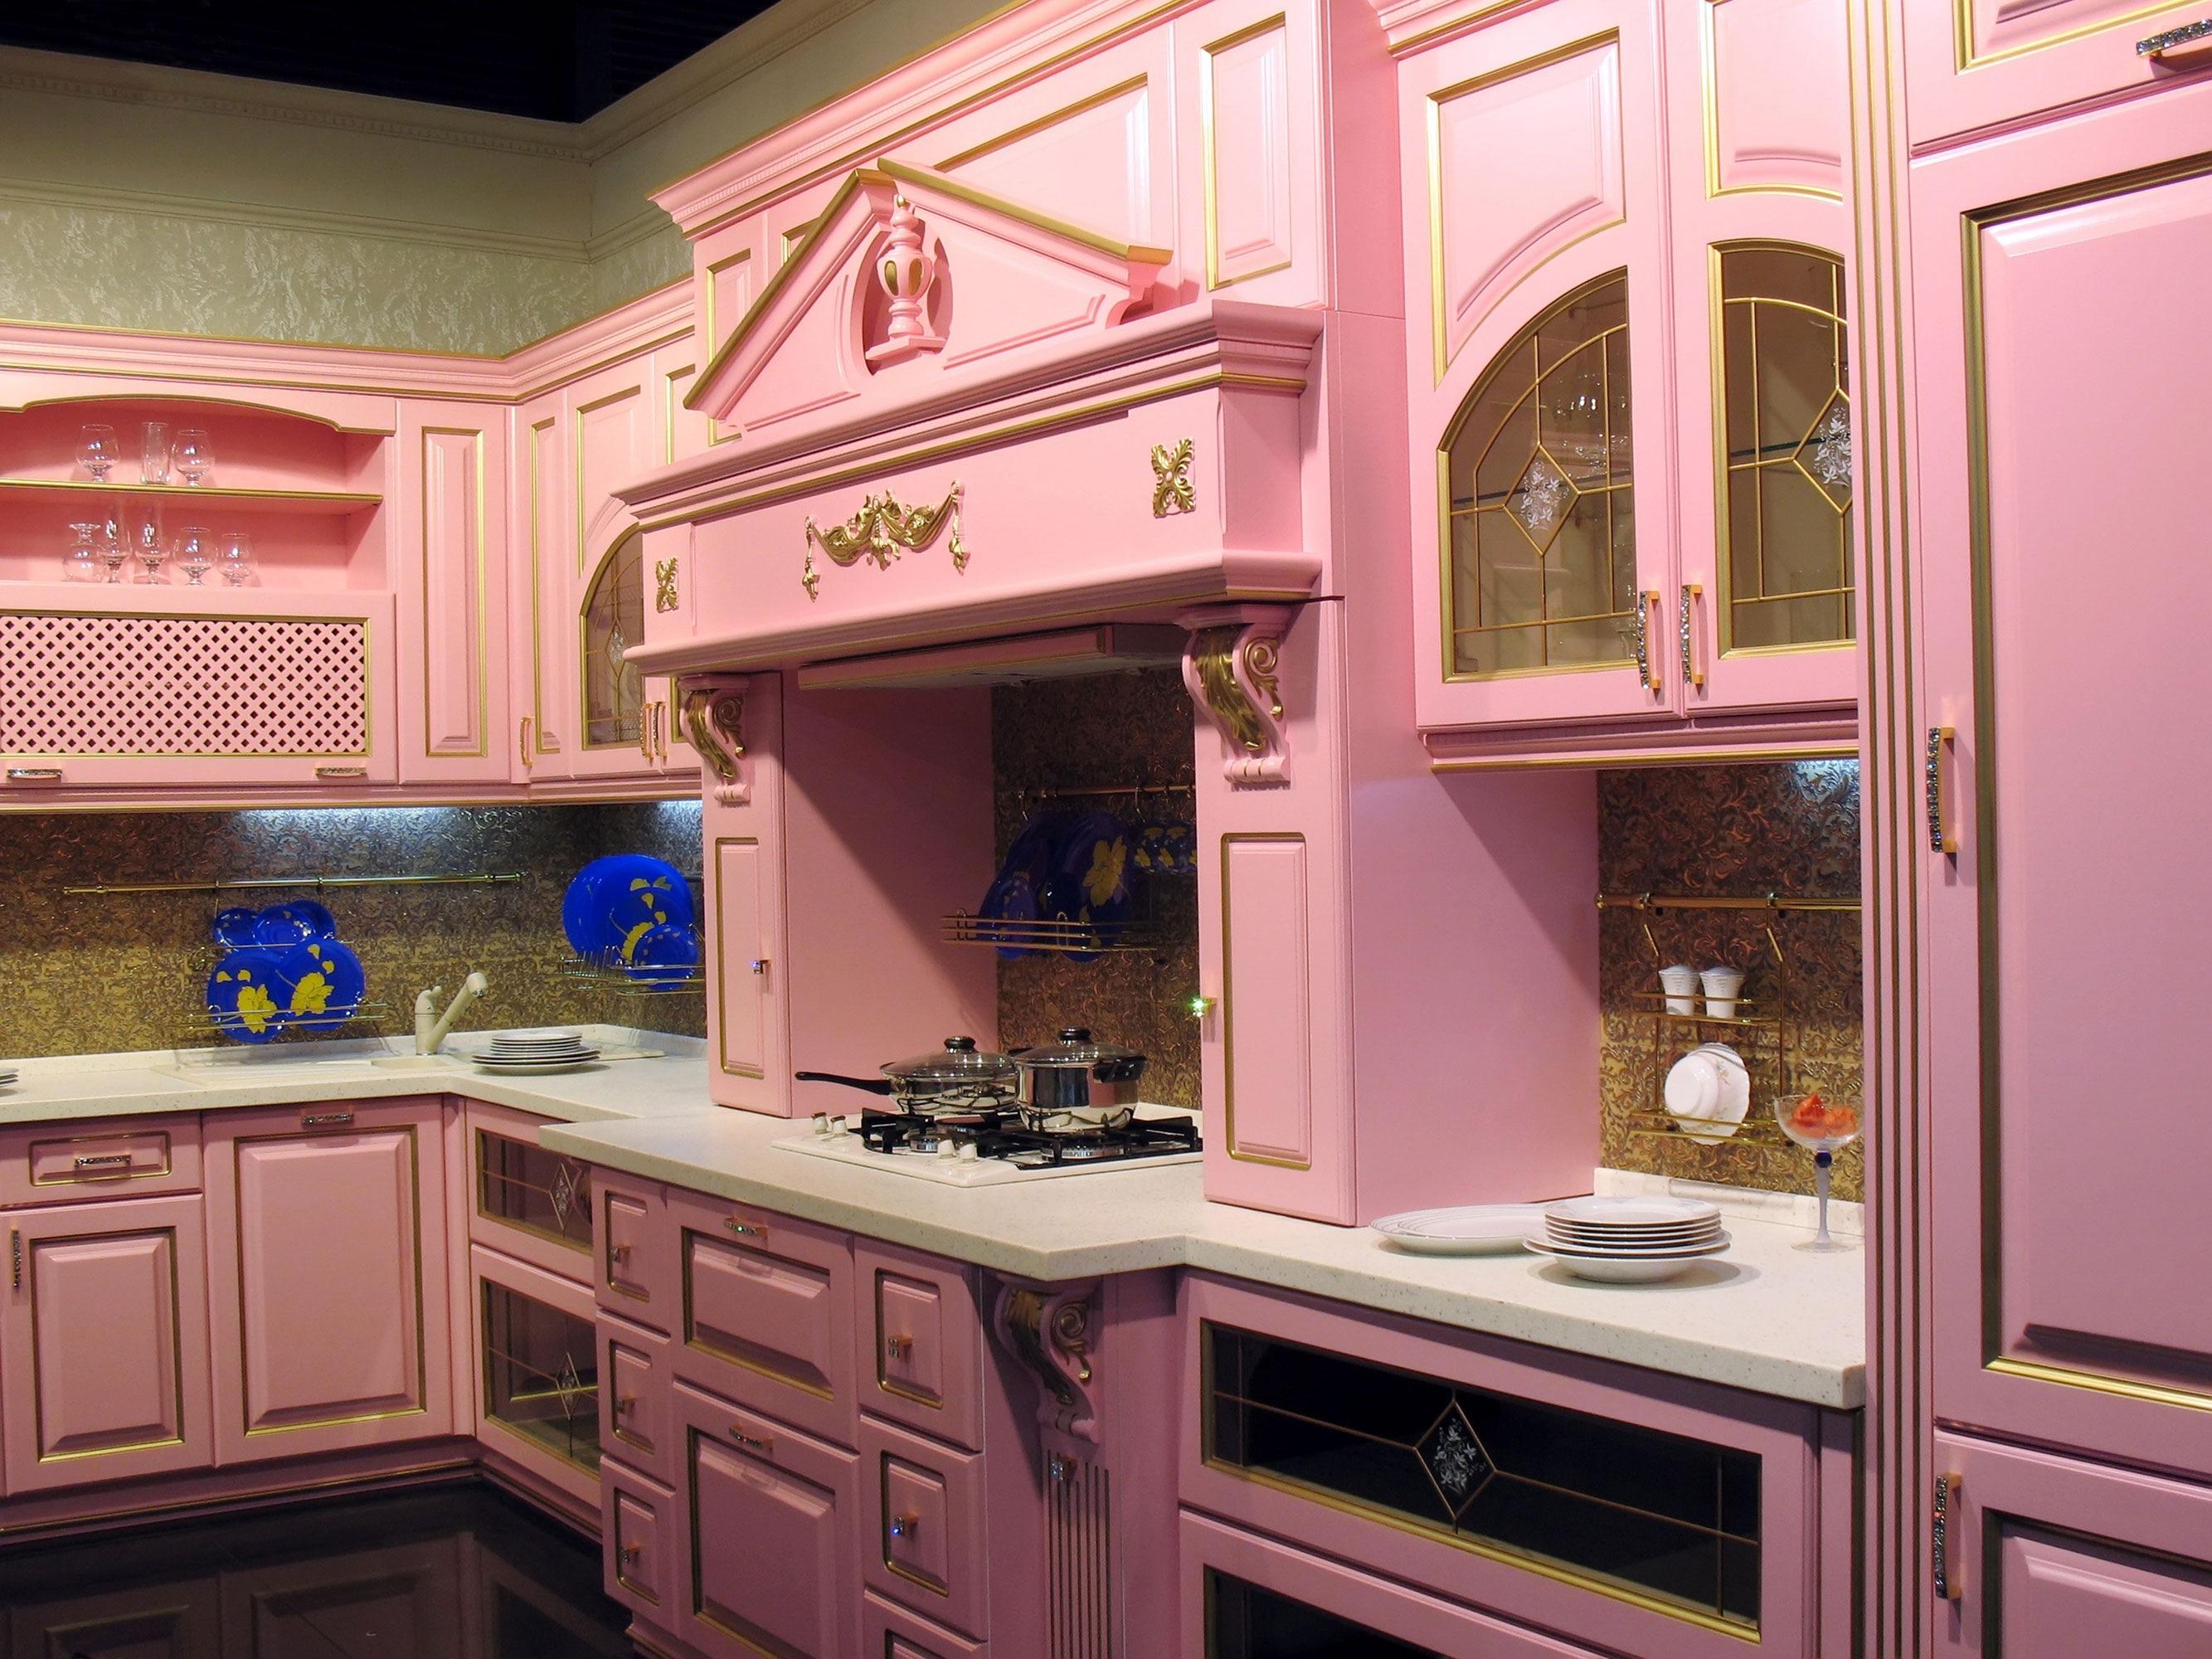 Grandiosité de la cuisine rose avec un sentiment désuet